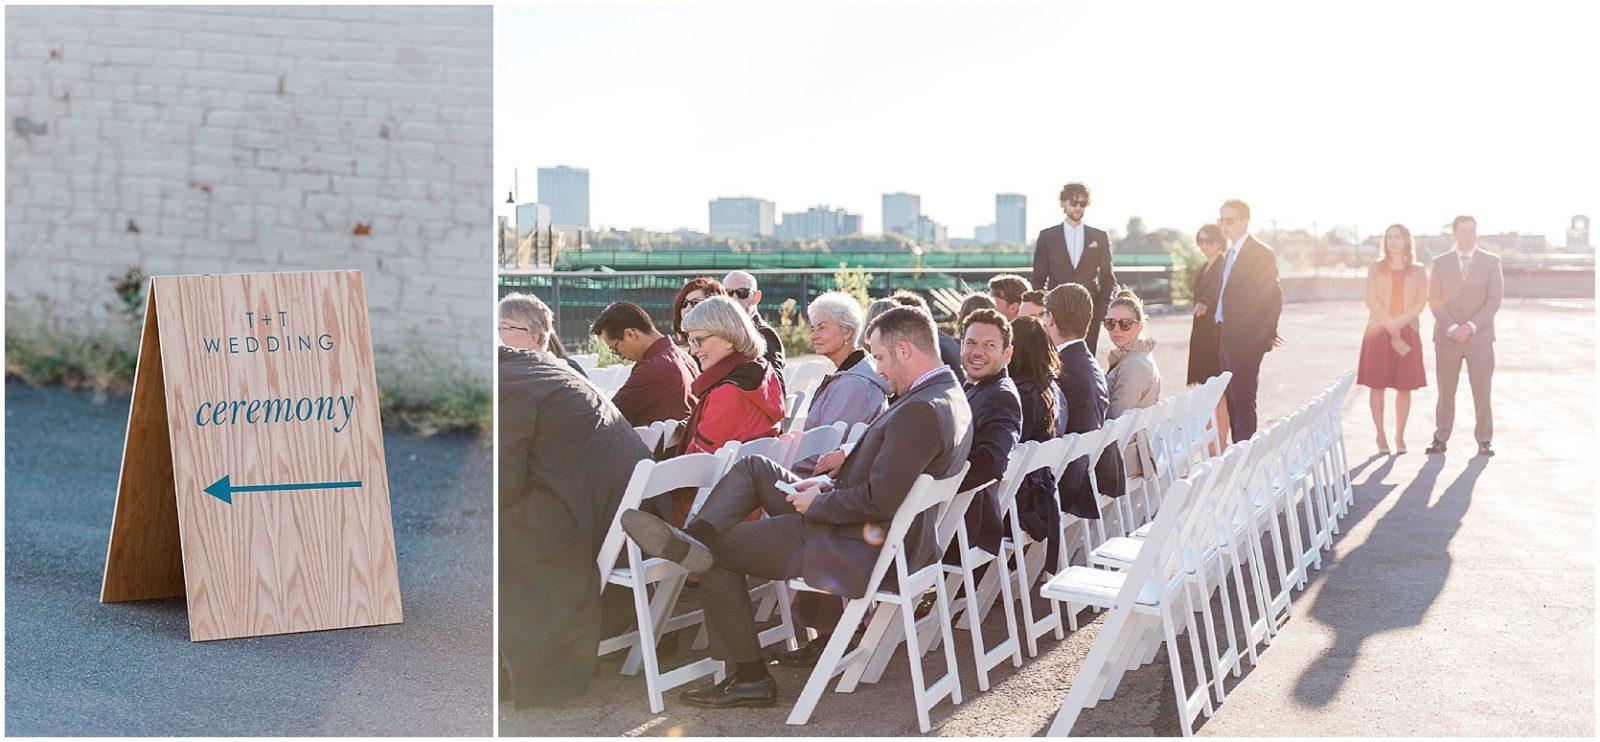 0130 SS-Late Summer Wedding at Zibi - Ottawa_PhotosbyEmmaH_WEB.jpg